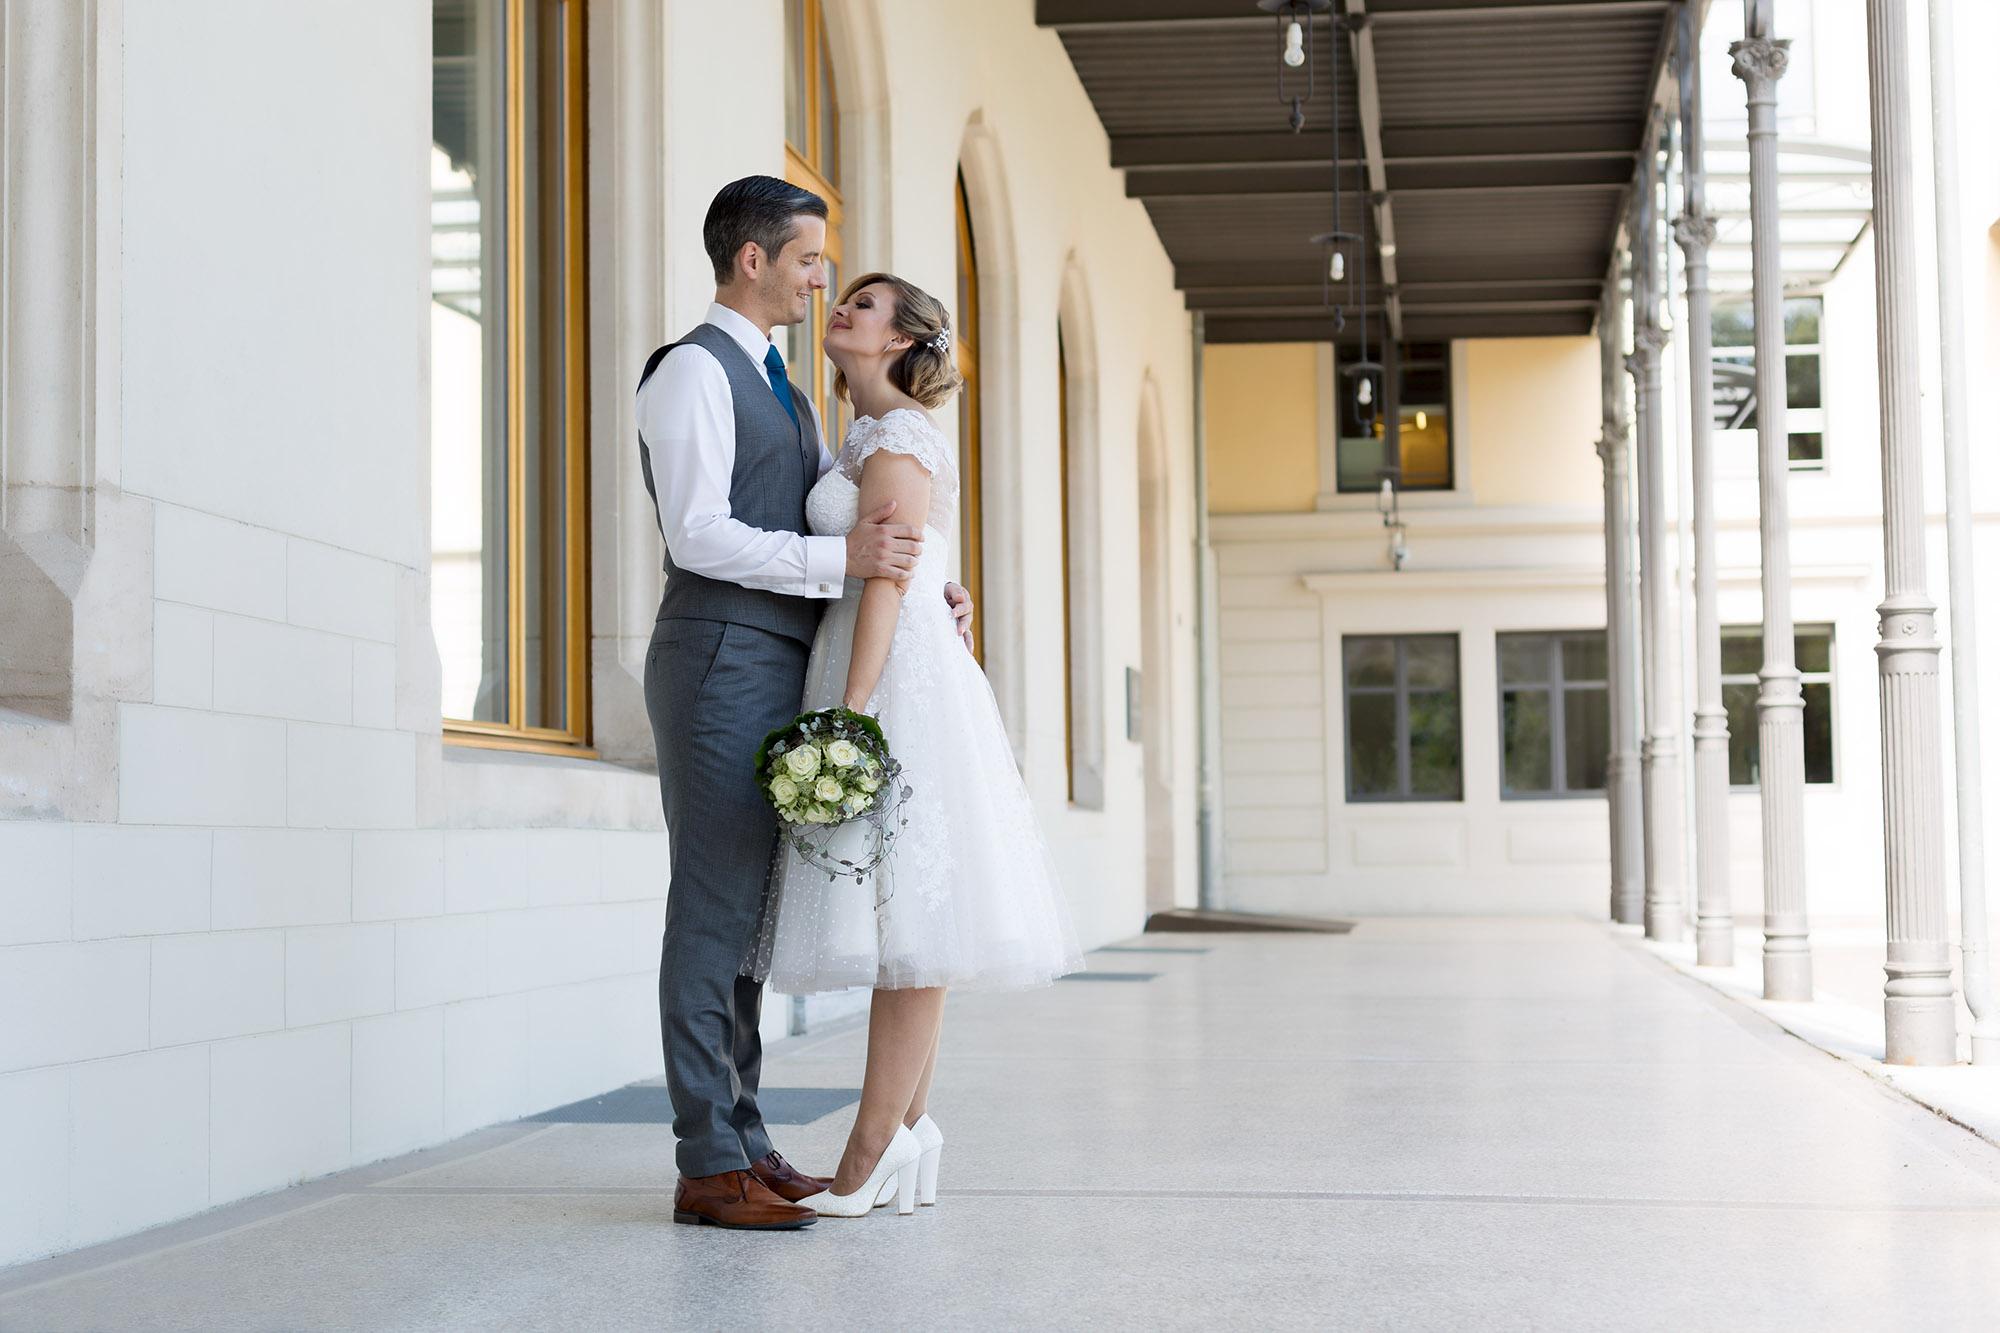 Hochzeit in Rheinfelden - Verliebtes Brautpaar beim Fotoshooting